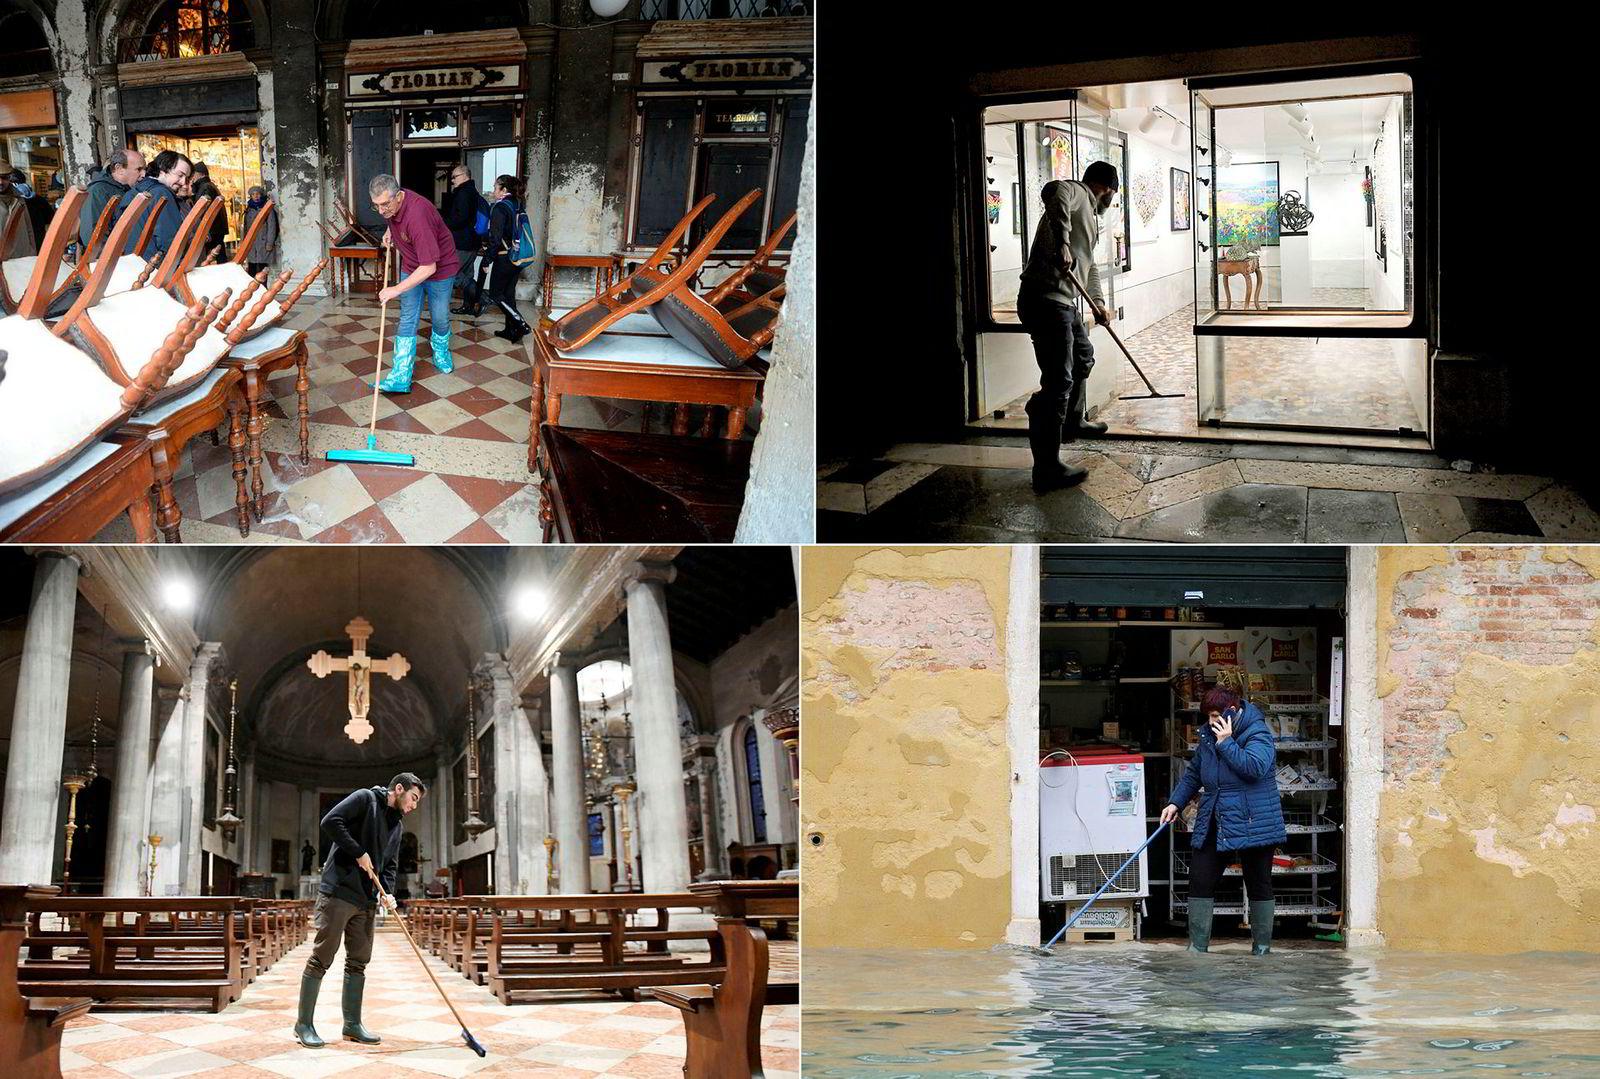 Det ble mye tørking av gulv for folk i butikker og kirker.